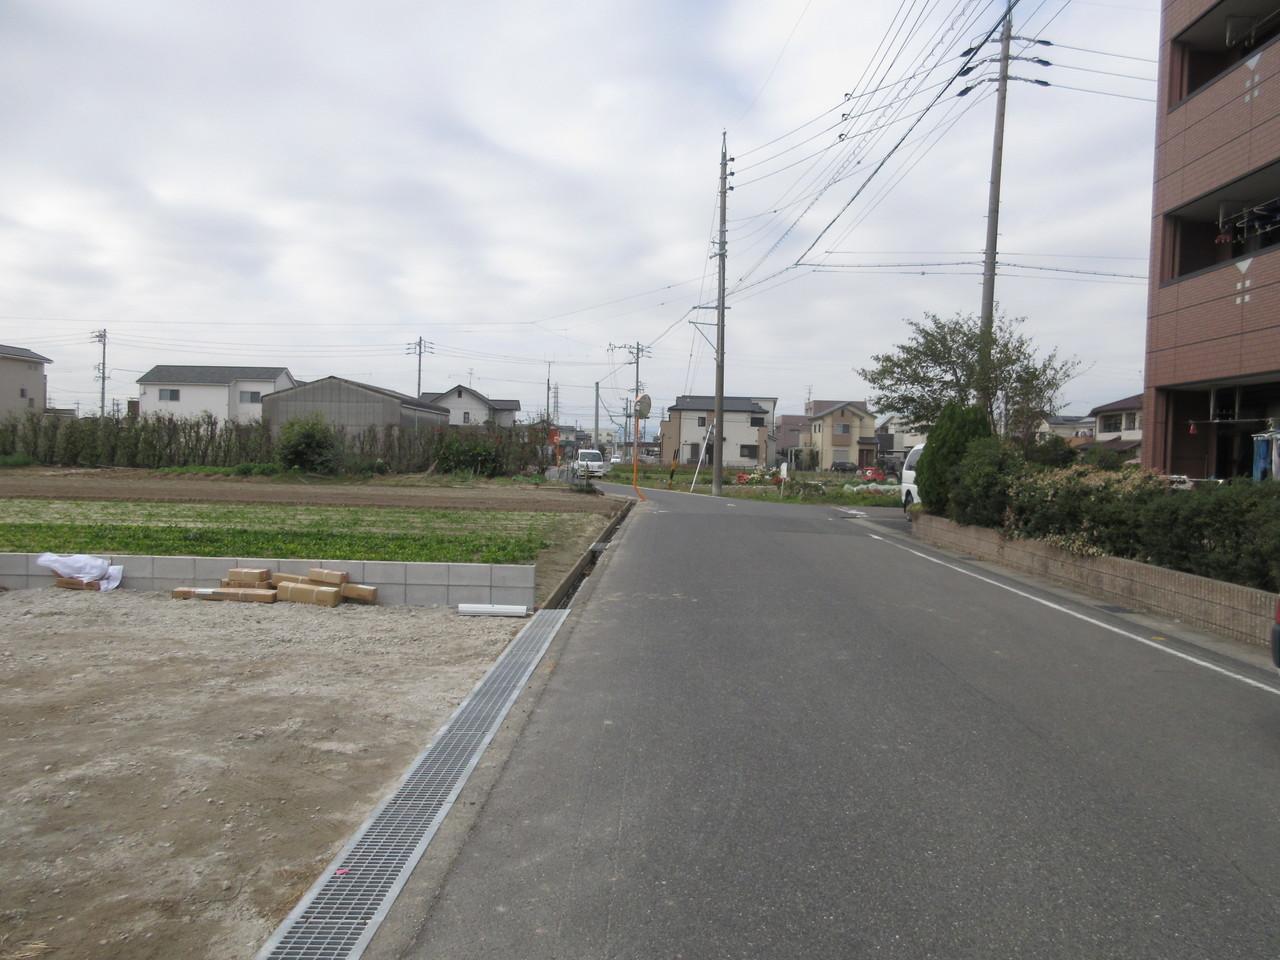 道路幅員が広めなので焦らず駐車できそうですね。